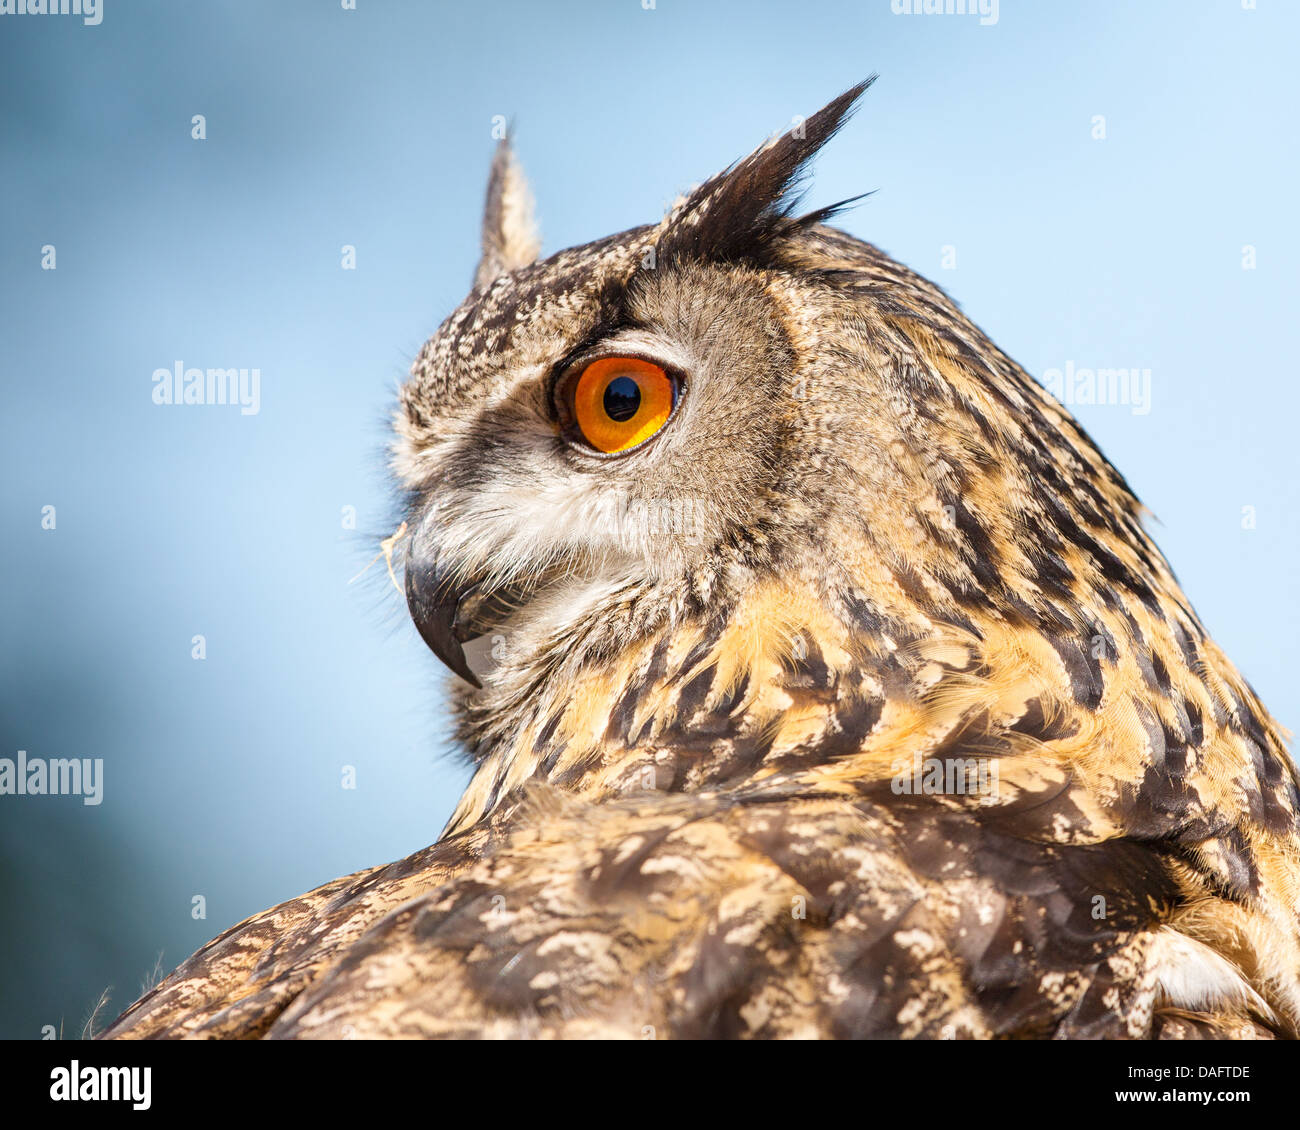 Close-up d'un grand- owl (Bubo bubo) montrant tête tournée à 180 degrés contre un ciel bleu Photo Stock